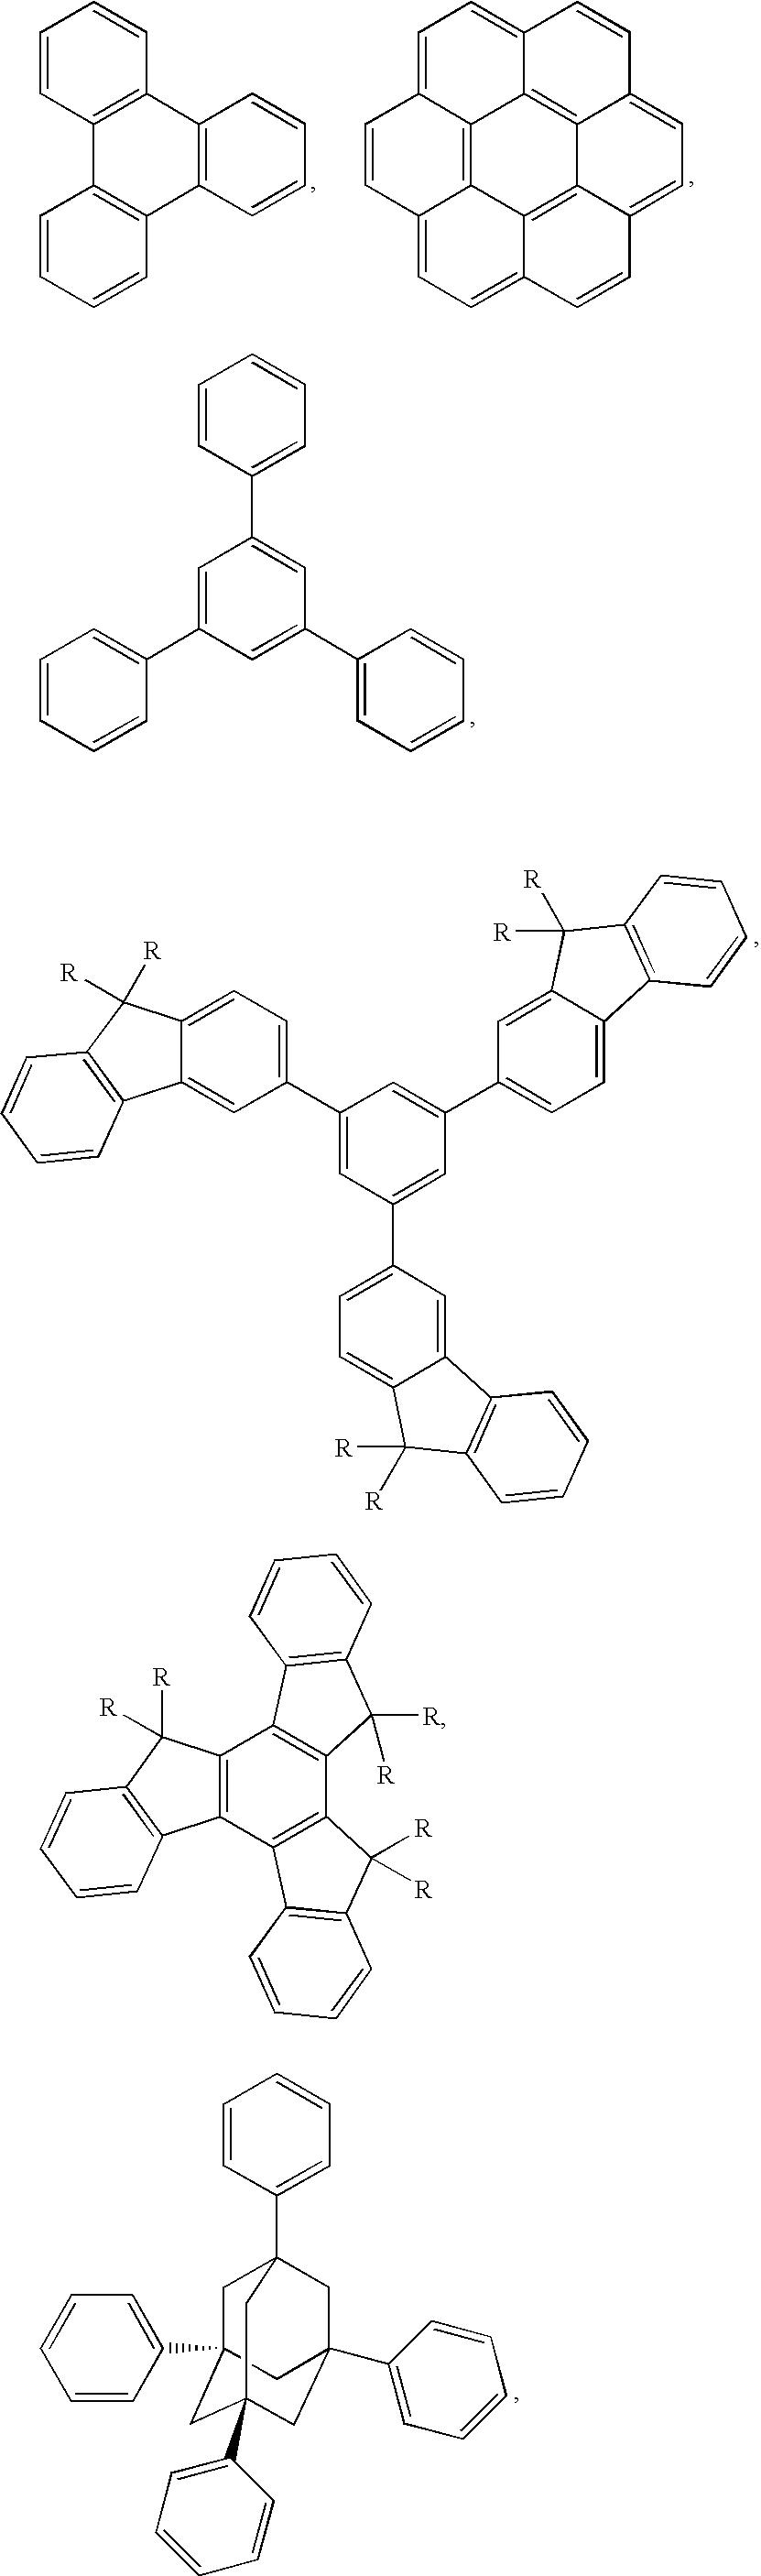 Figure US20070107835A1-20070517-C00075